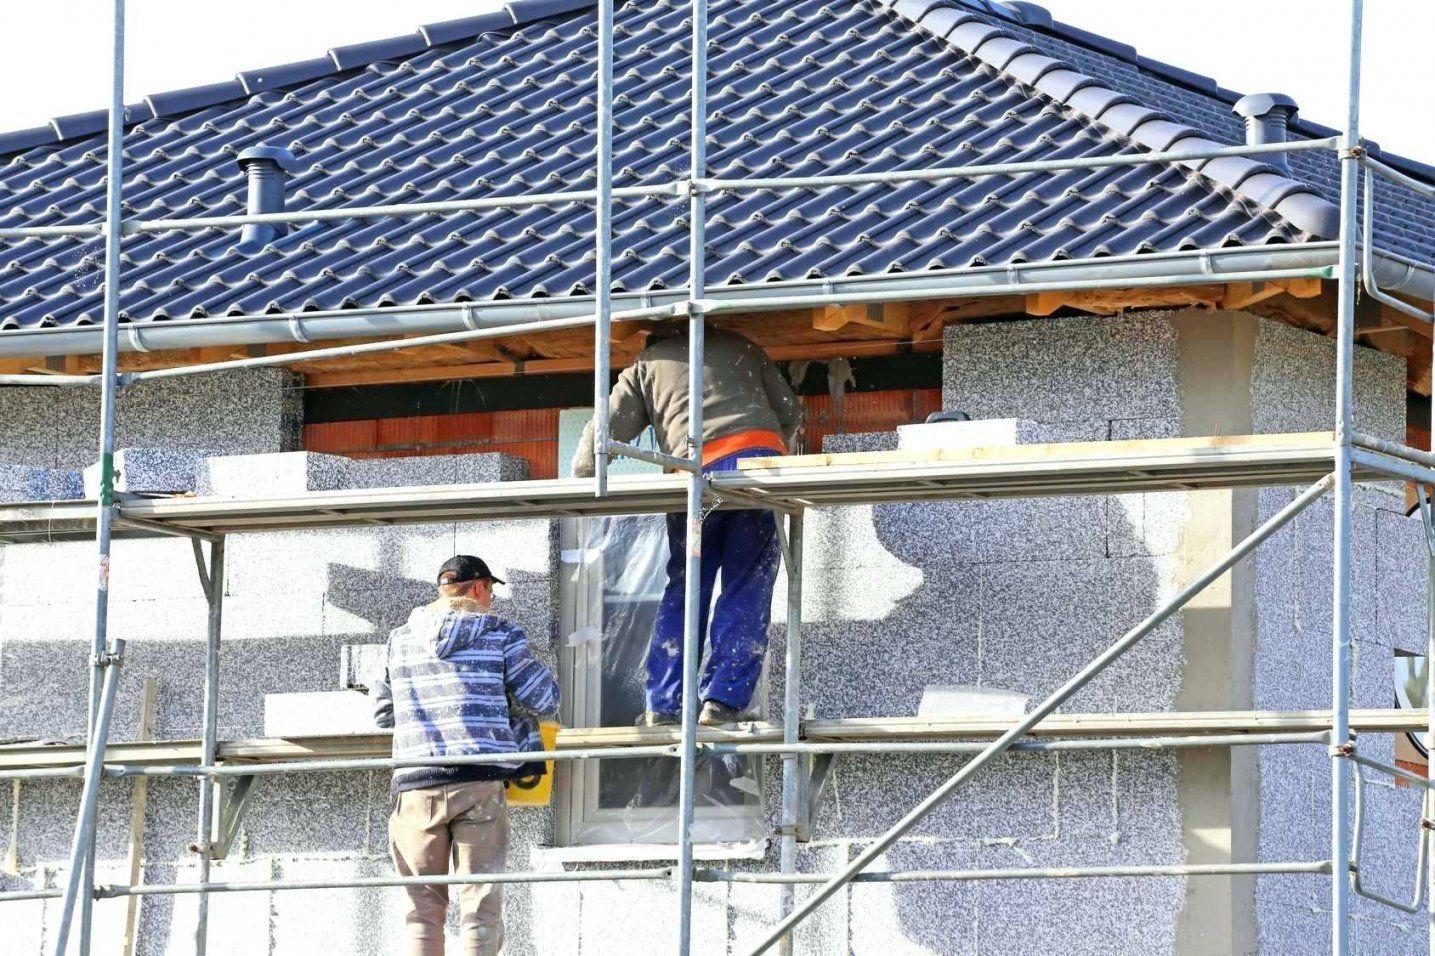 Haus Isolieren Stilvolle Kosten Dekoration Wande Verputzen von Wände Verputzen Kosten Pro Qm Bild